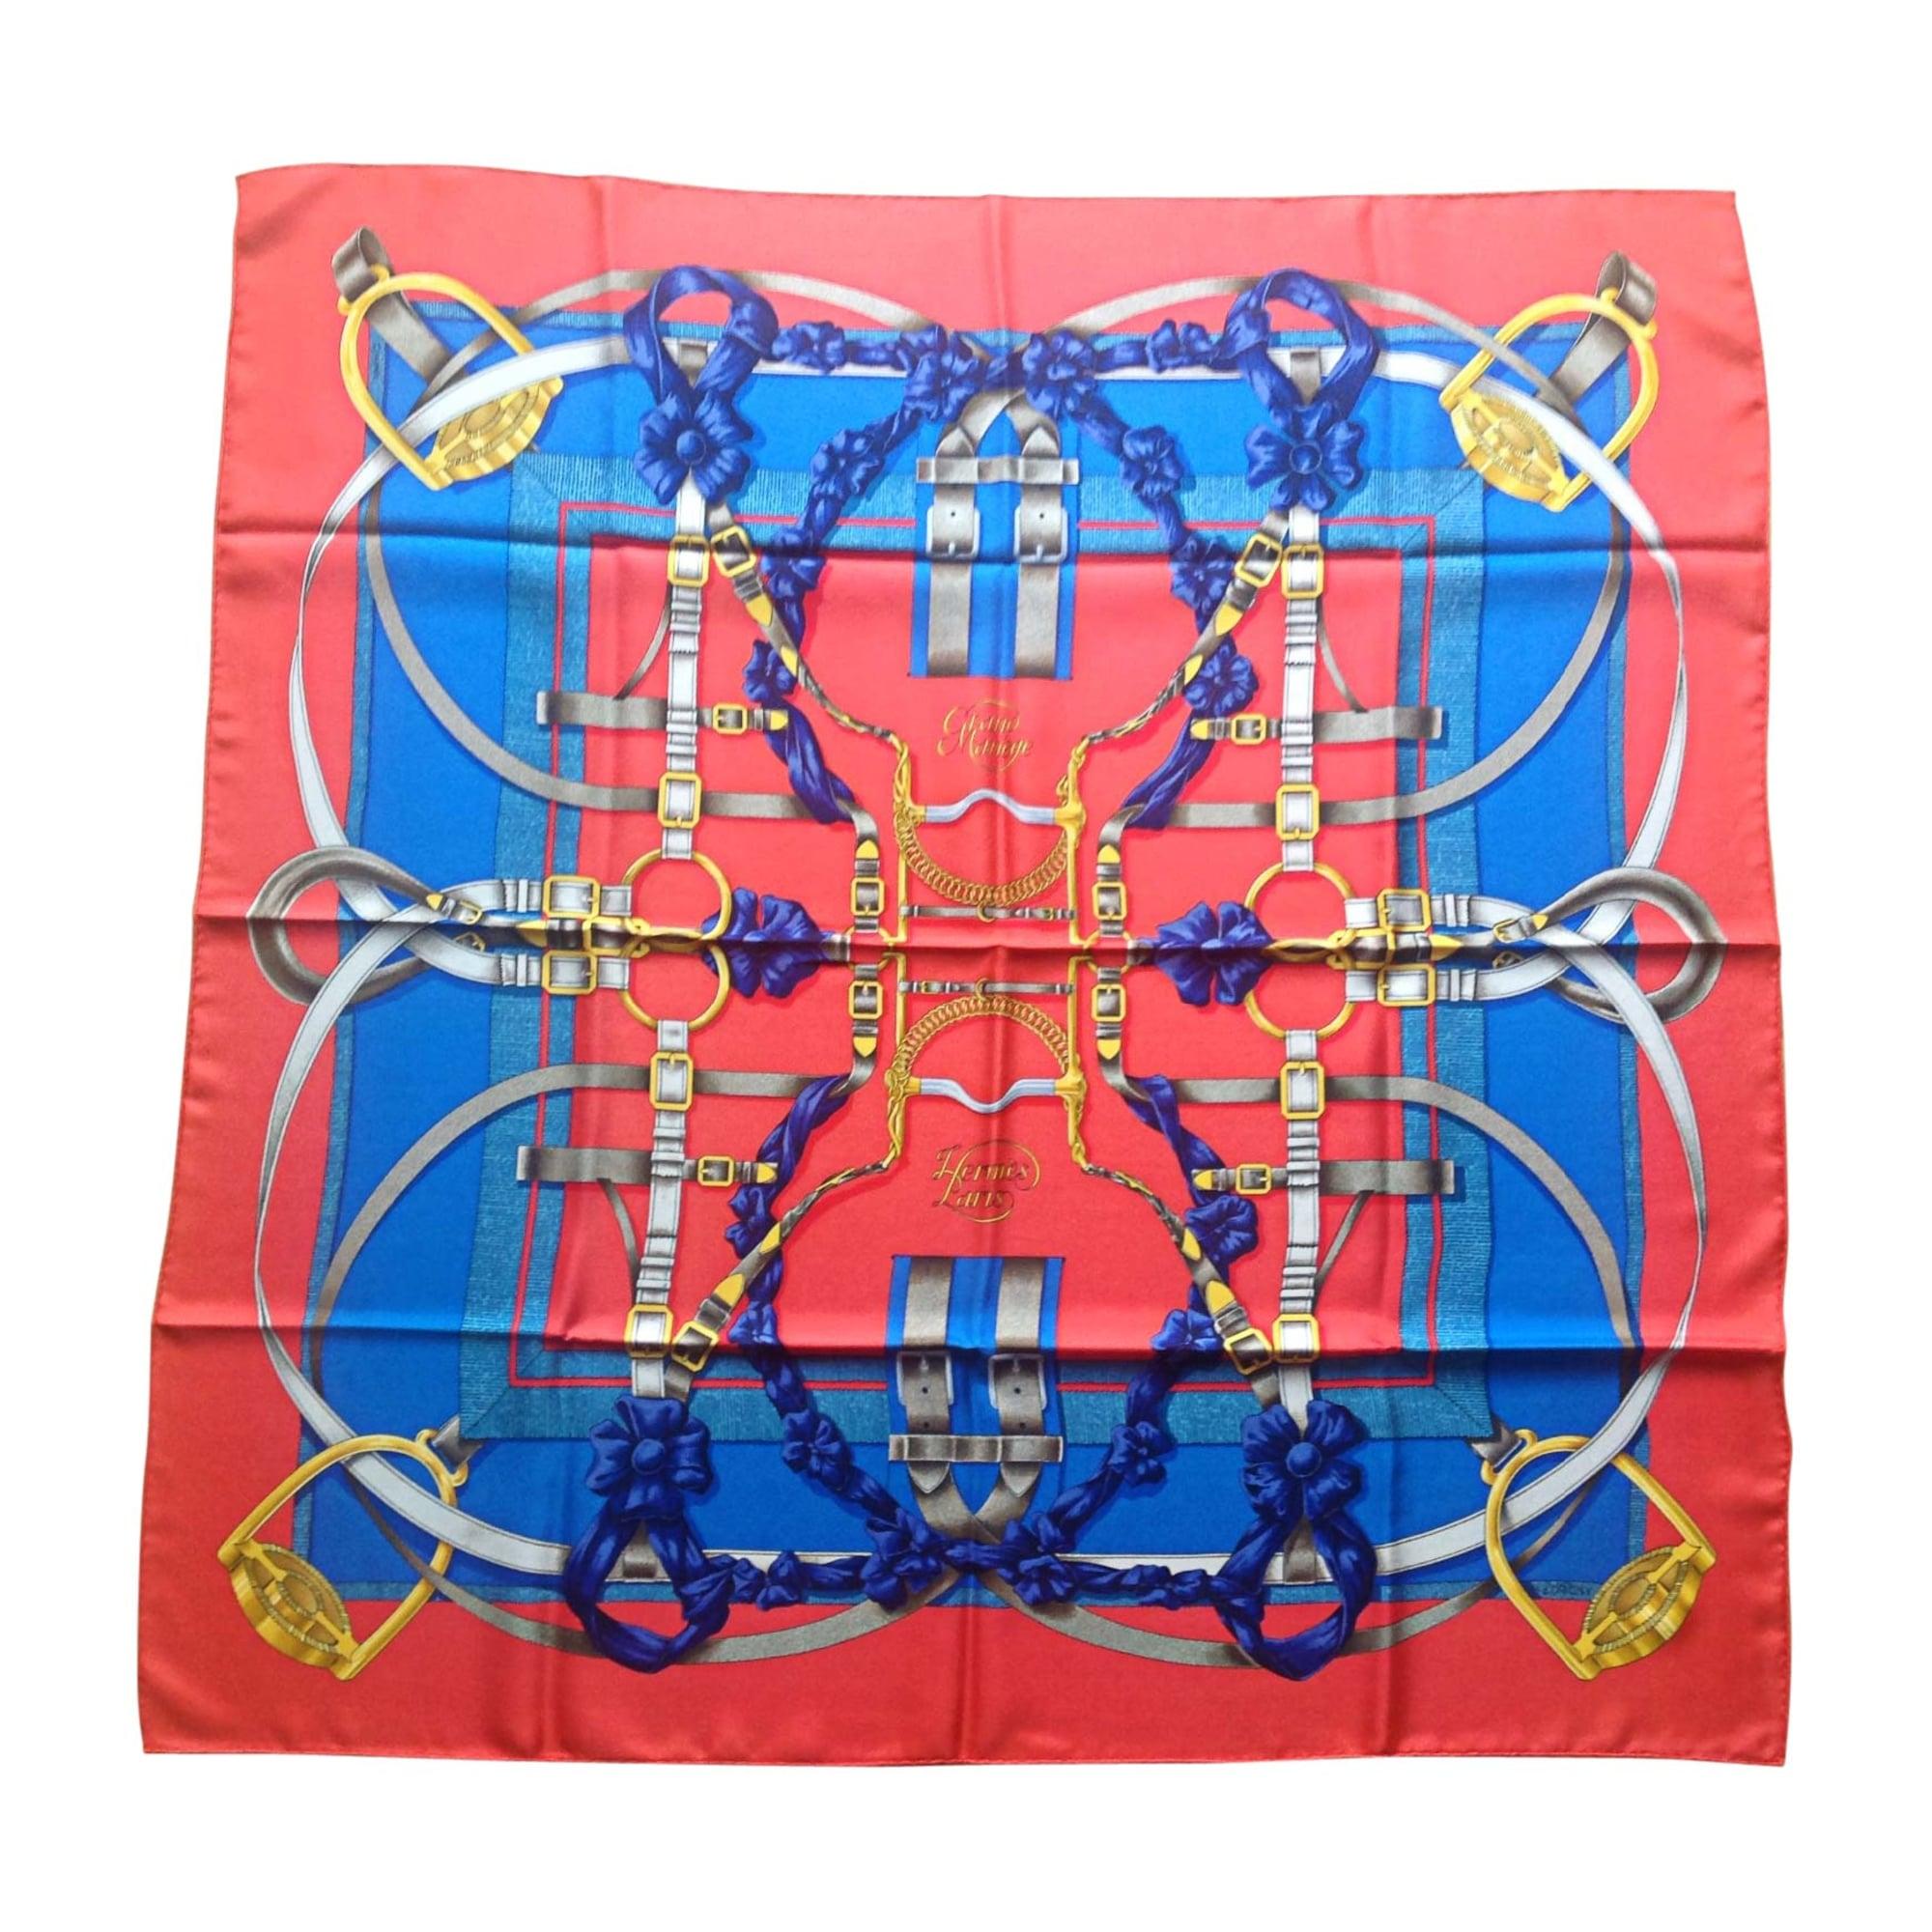 Foulard HERMÈS carr rouge et bleu etc.... vendu par Dimseize214 ... 7b7debe53e8